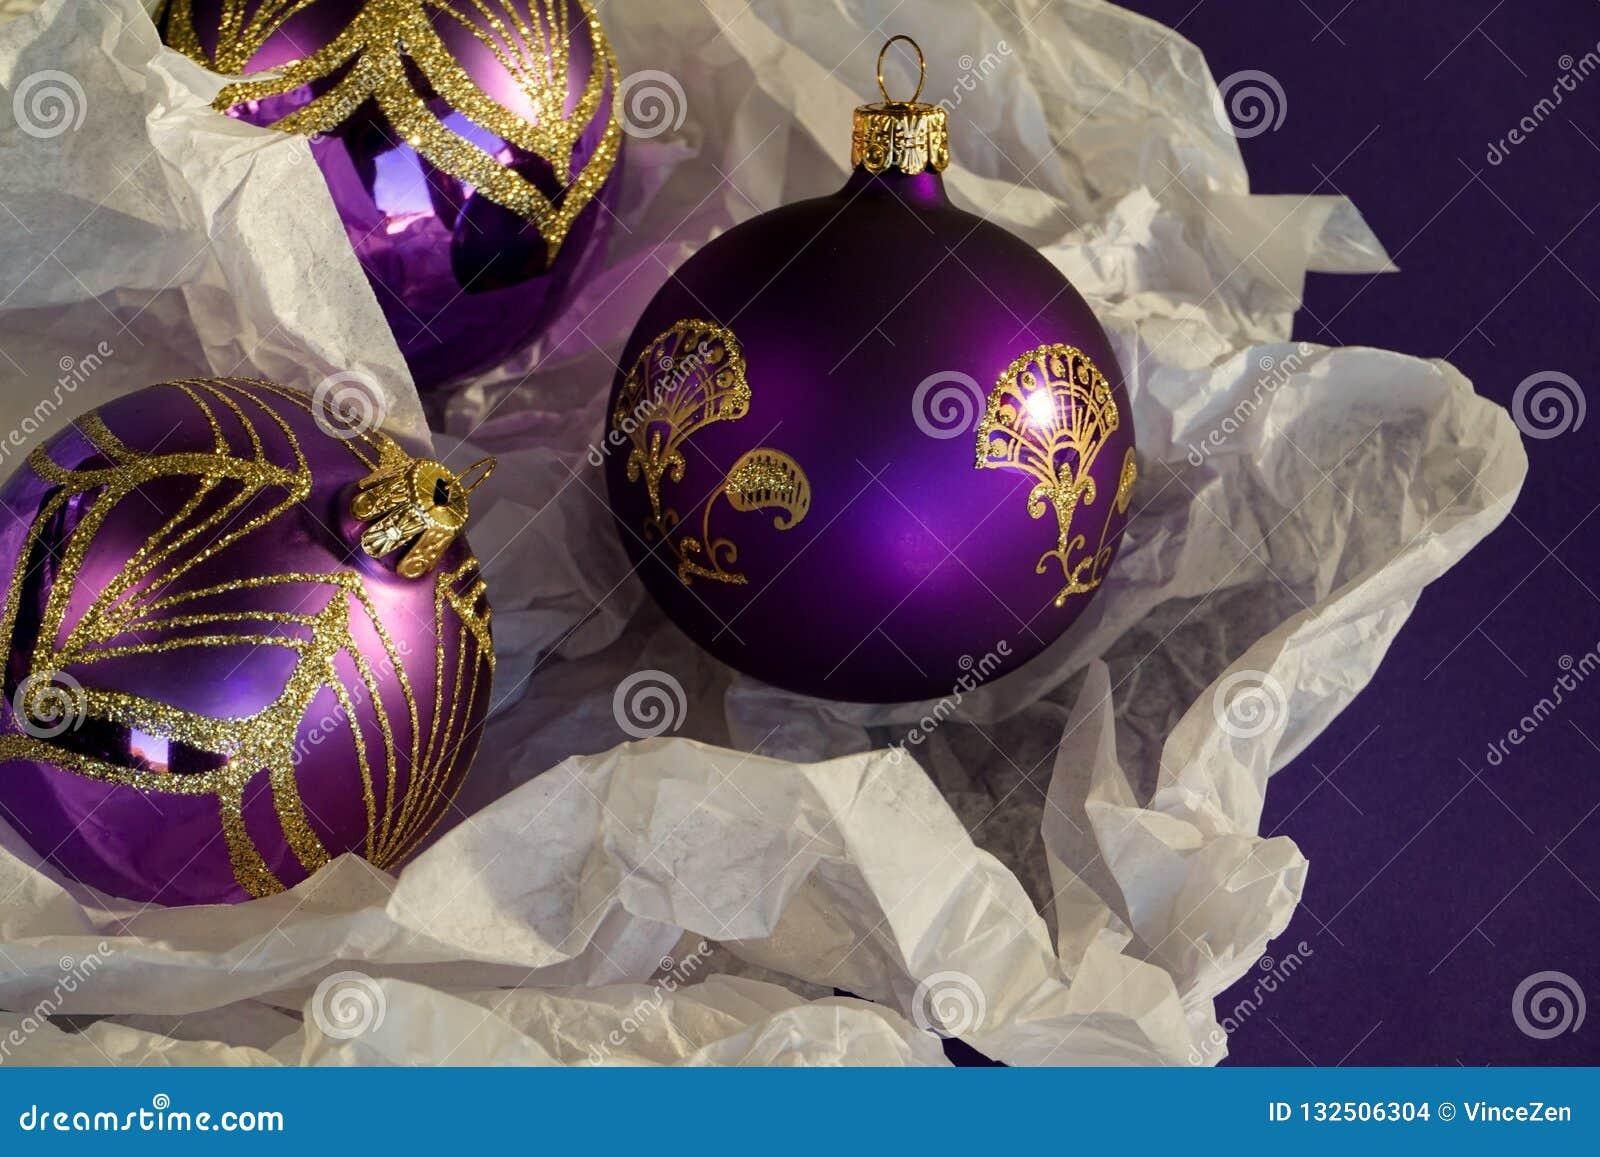 Shining Elegant Decorations For Xmas New Year Season Stock